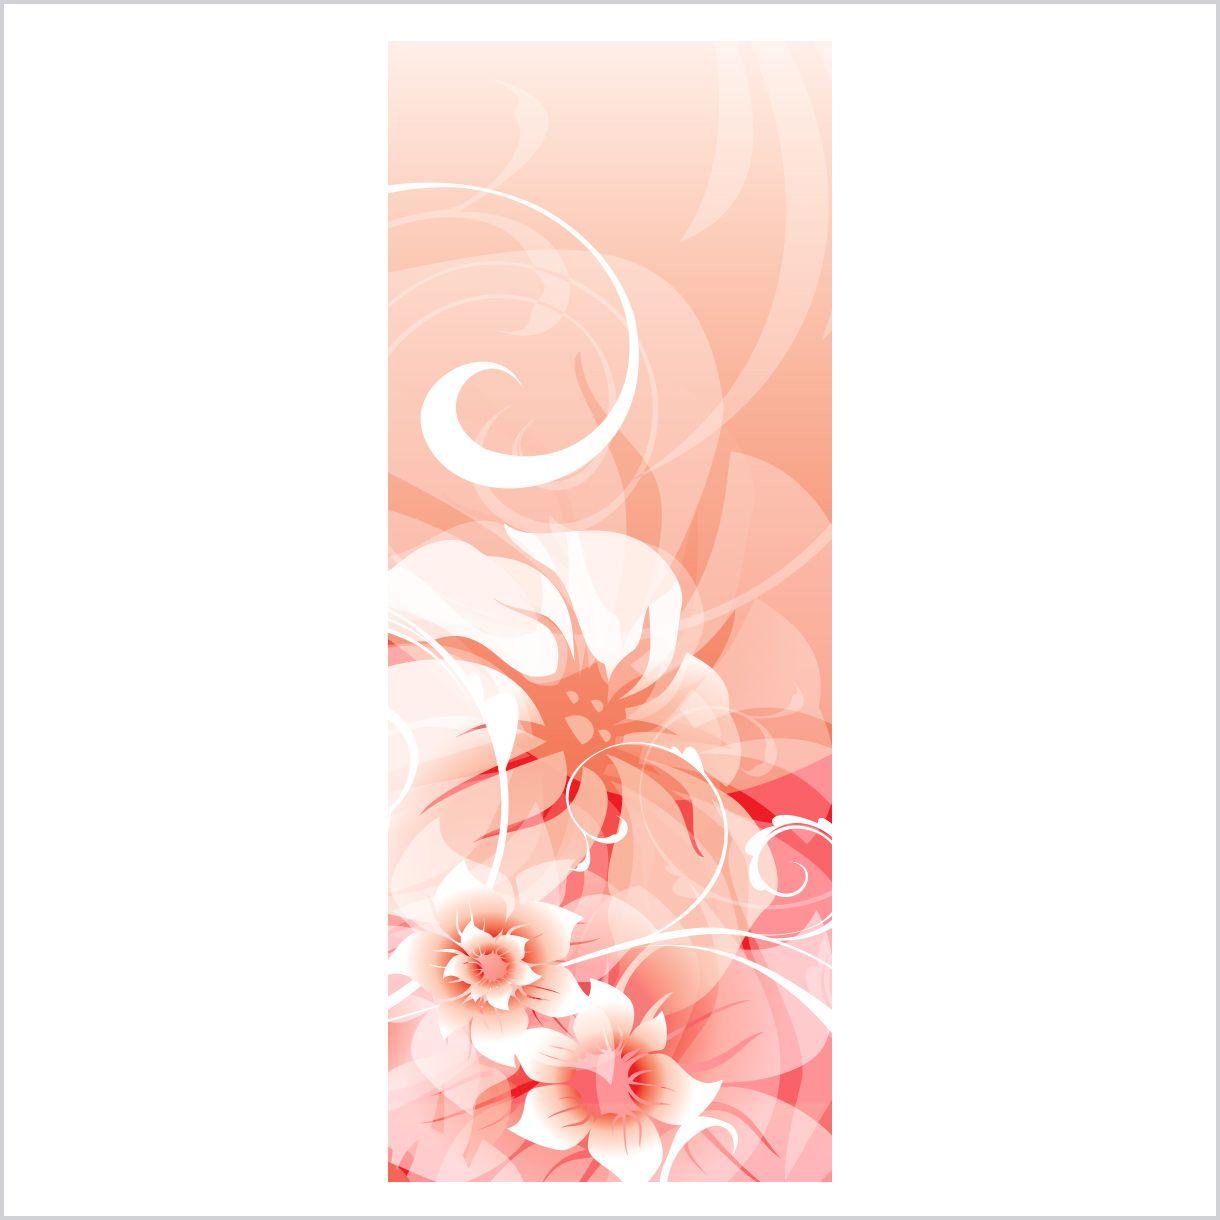 ADESIVO DE PORTA - Floral Contemporâneo 2